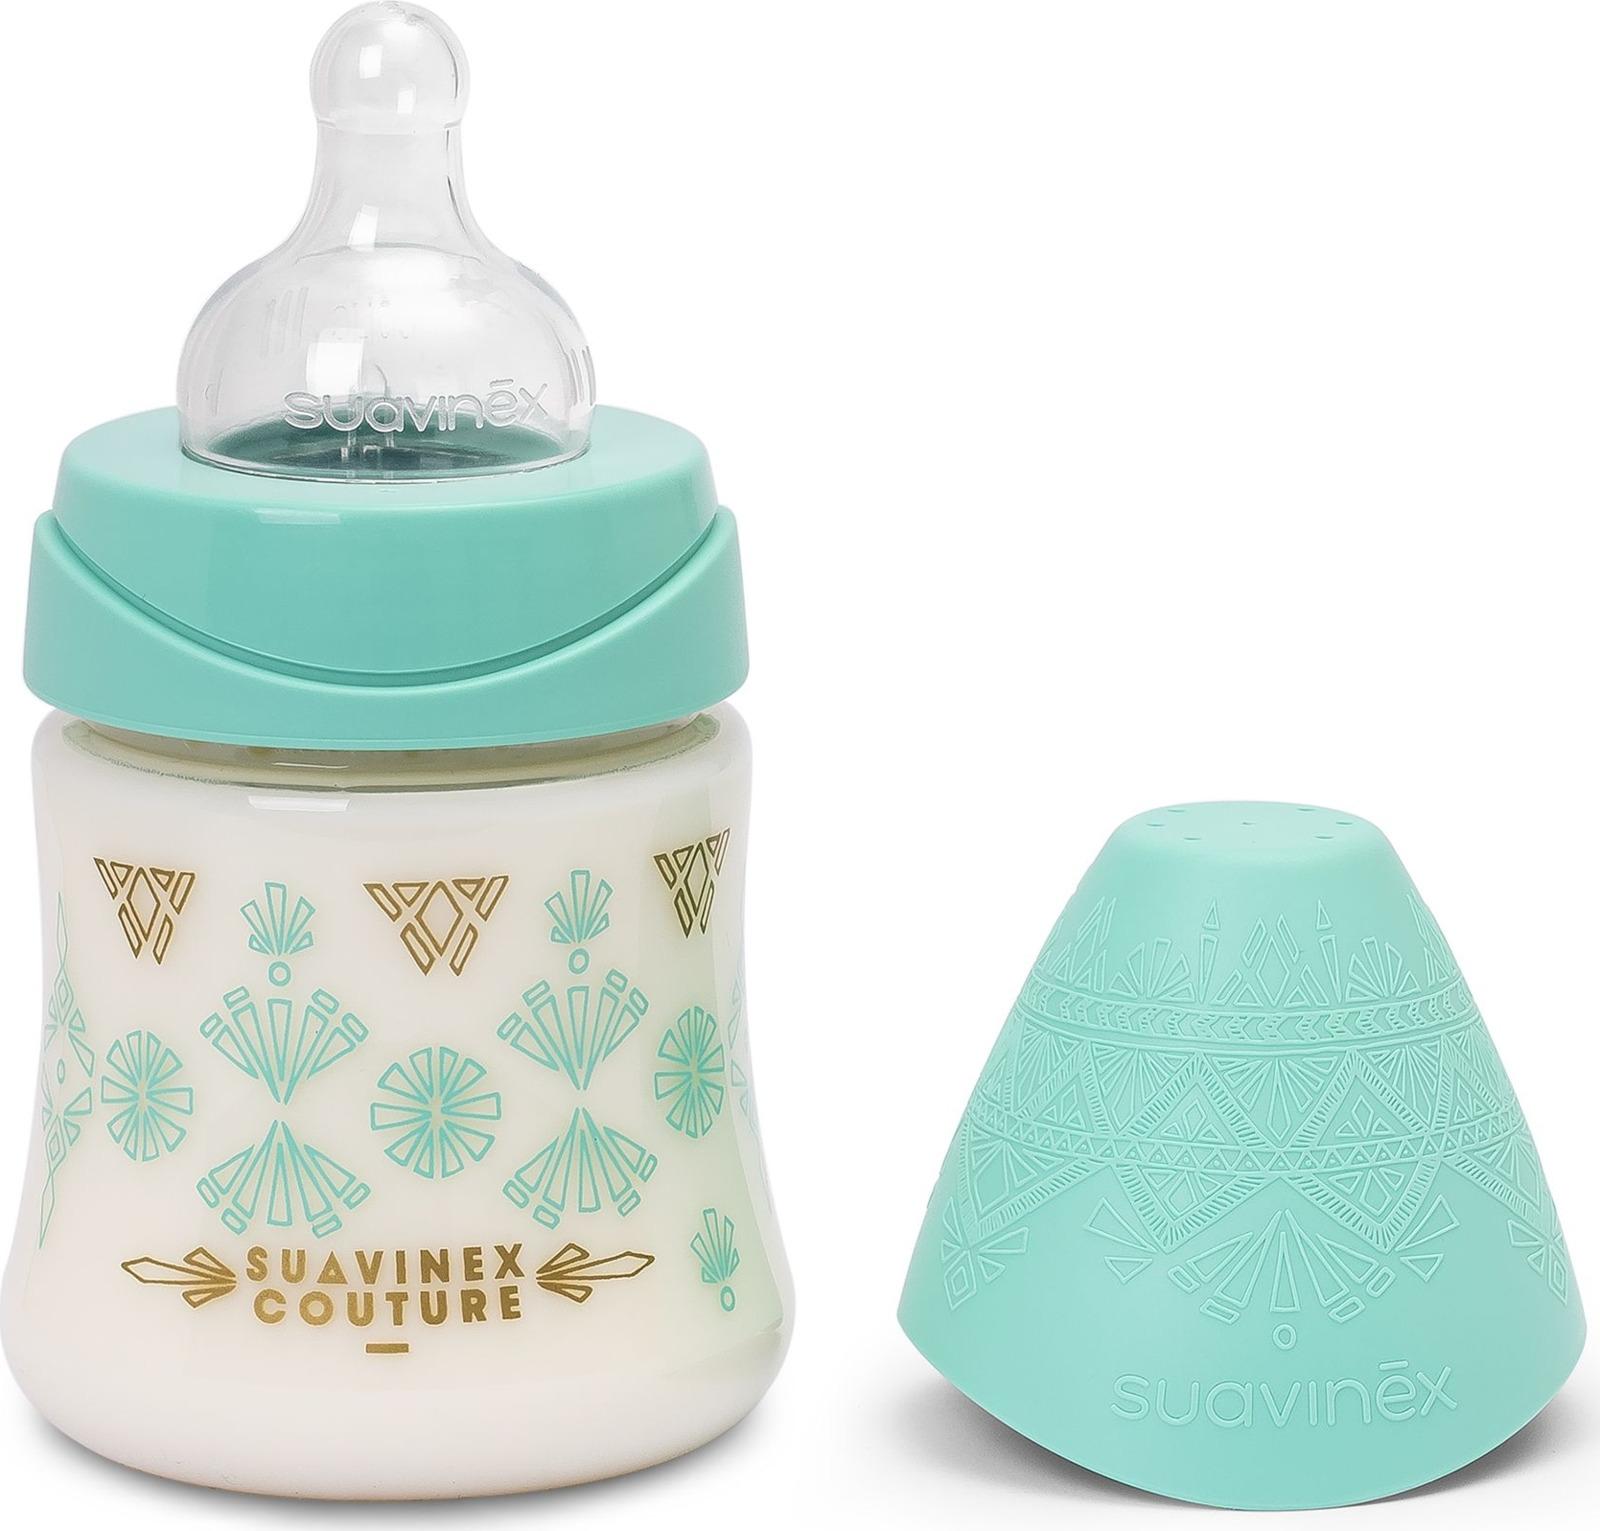 Бутылочка для кормления Suavinex Haute Couture, от 0 месяцев, с силиконовой круглой соской, 3162101, зеленый, 150 мл lubby бутылочка для кормления с силиконовой соской малыши и малышки от 0 месяцев цвет зеленый голубой 250 мл